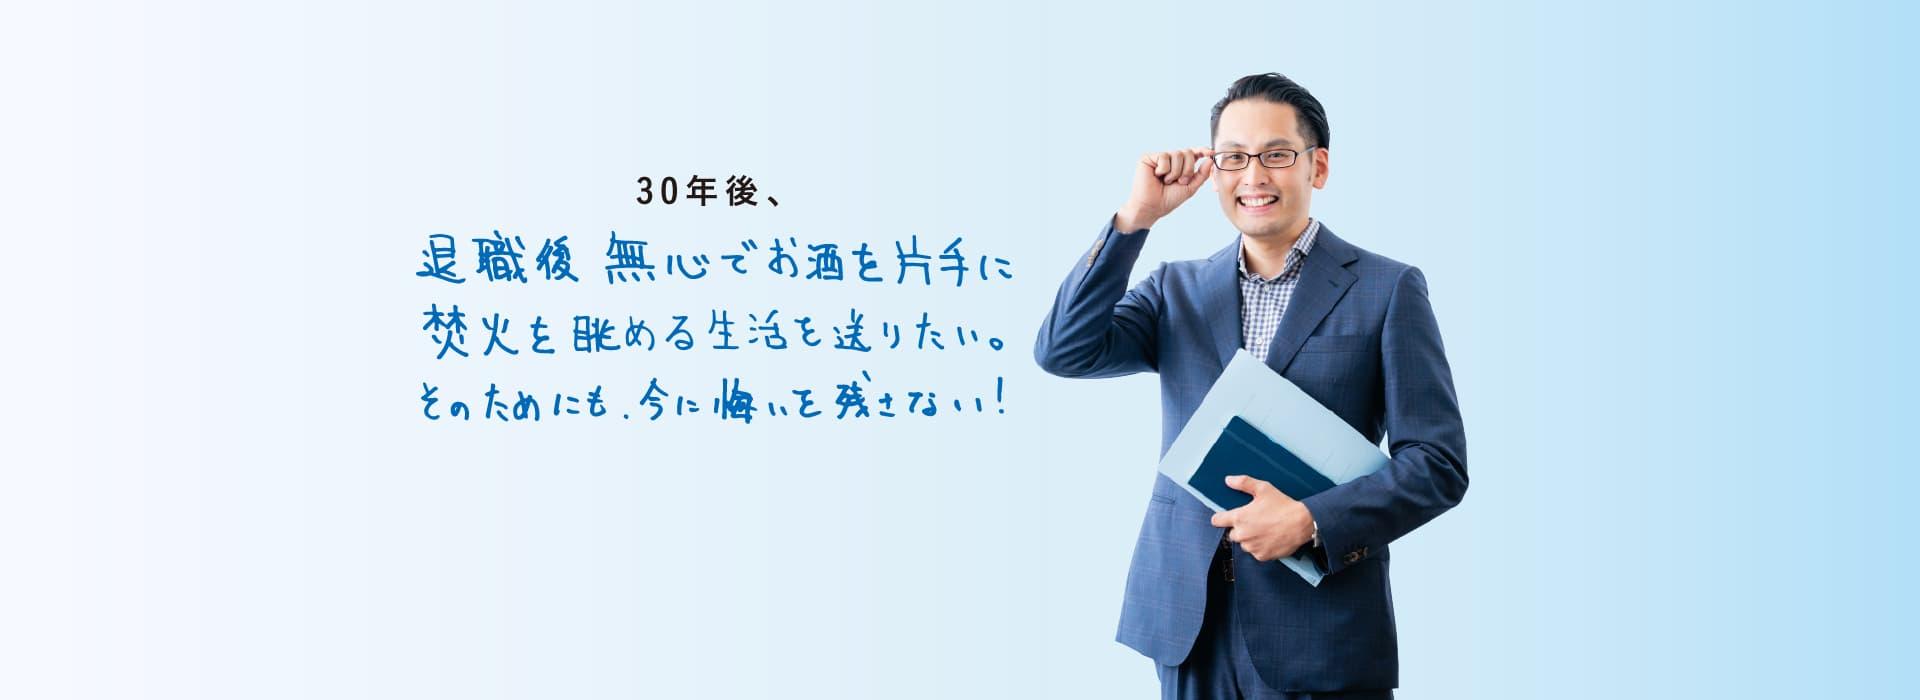 先輩紹介12